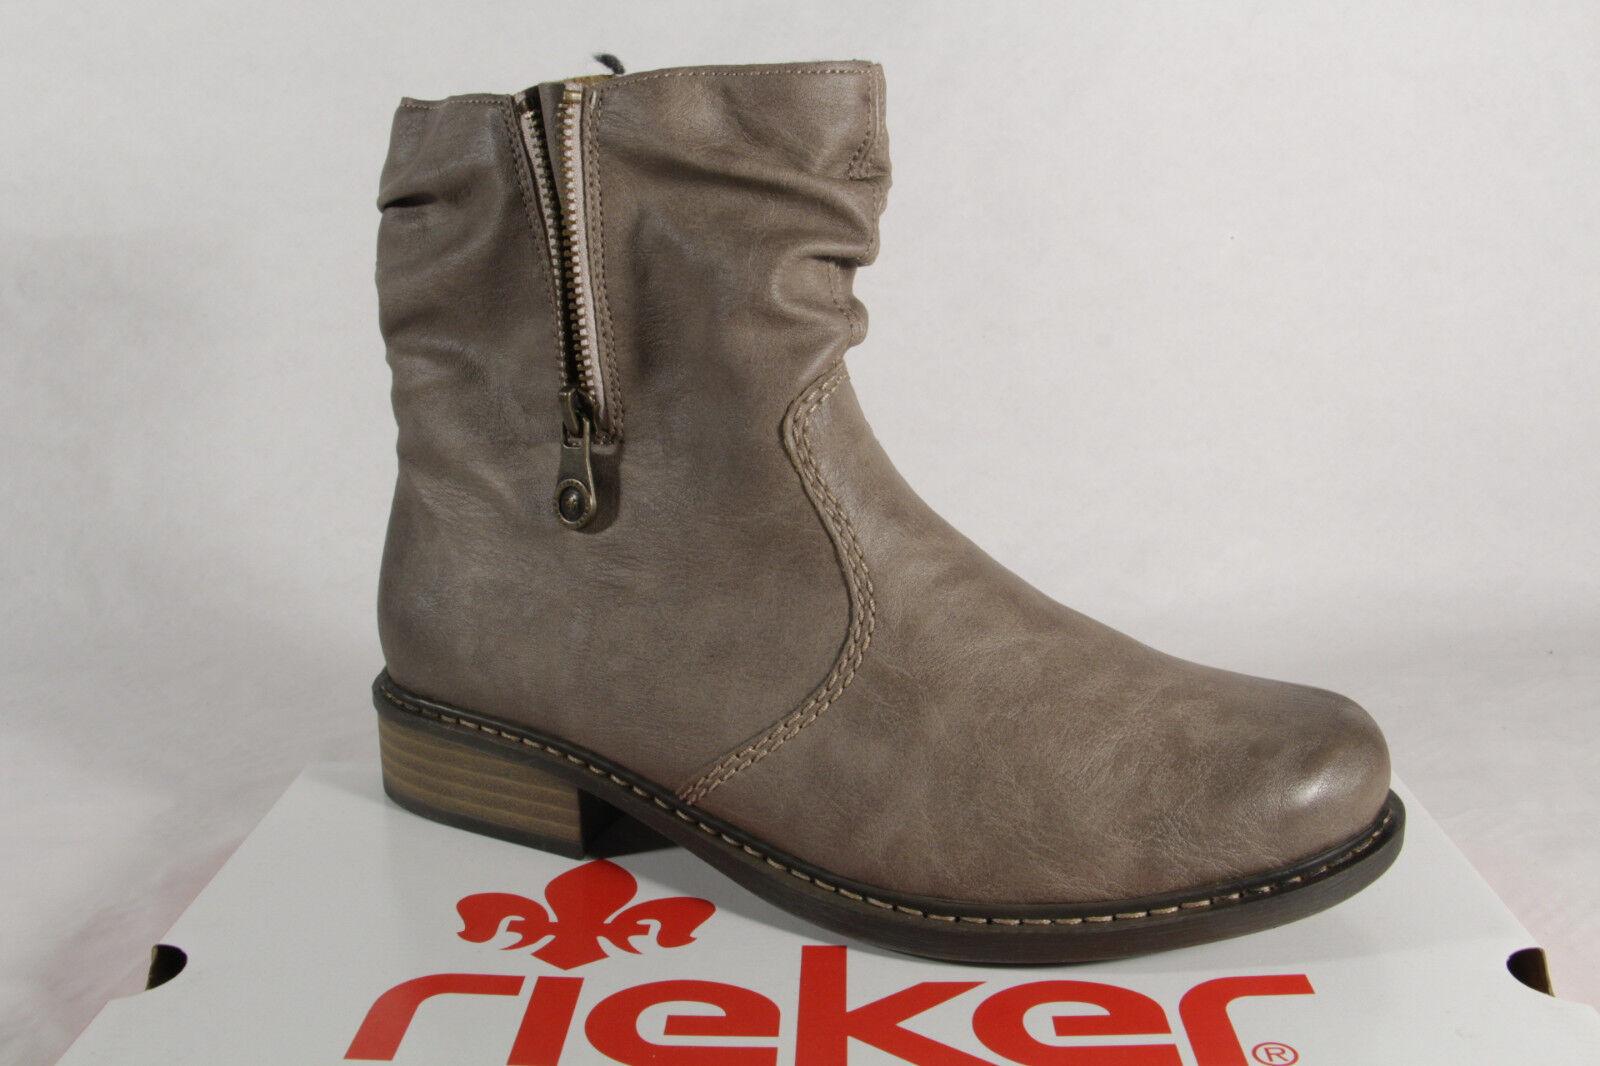 Rieker Z4157 Z4157 Z4157 botas Mujer botas Botínes Beis Nuevo  liquidación hasta el 70%